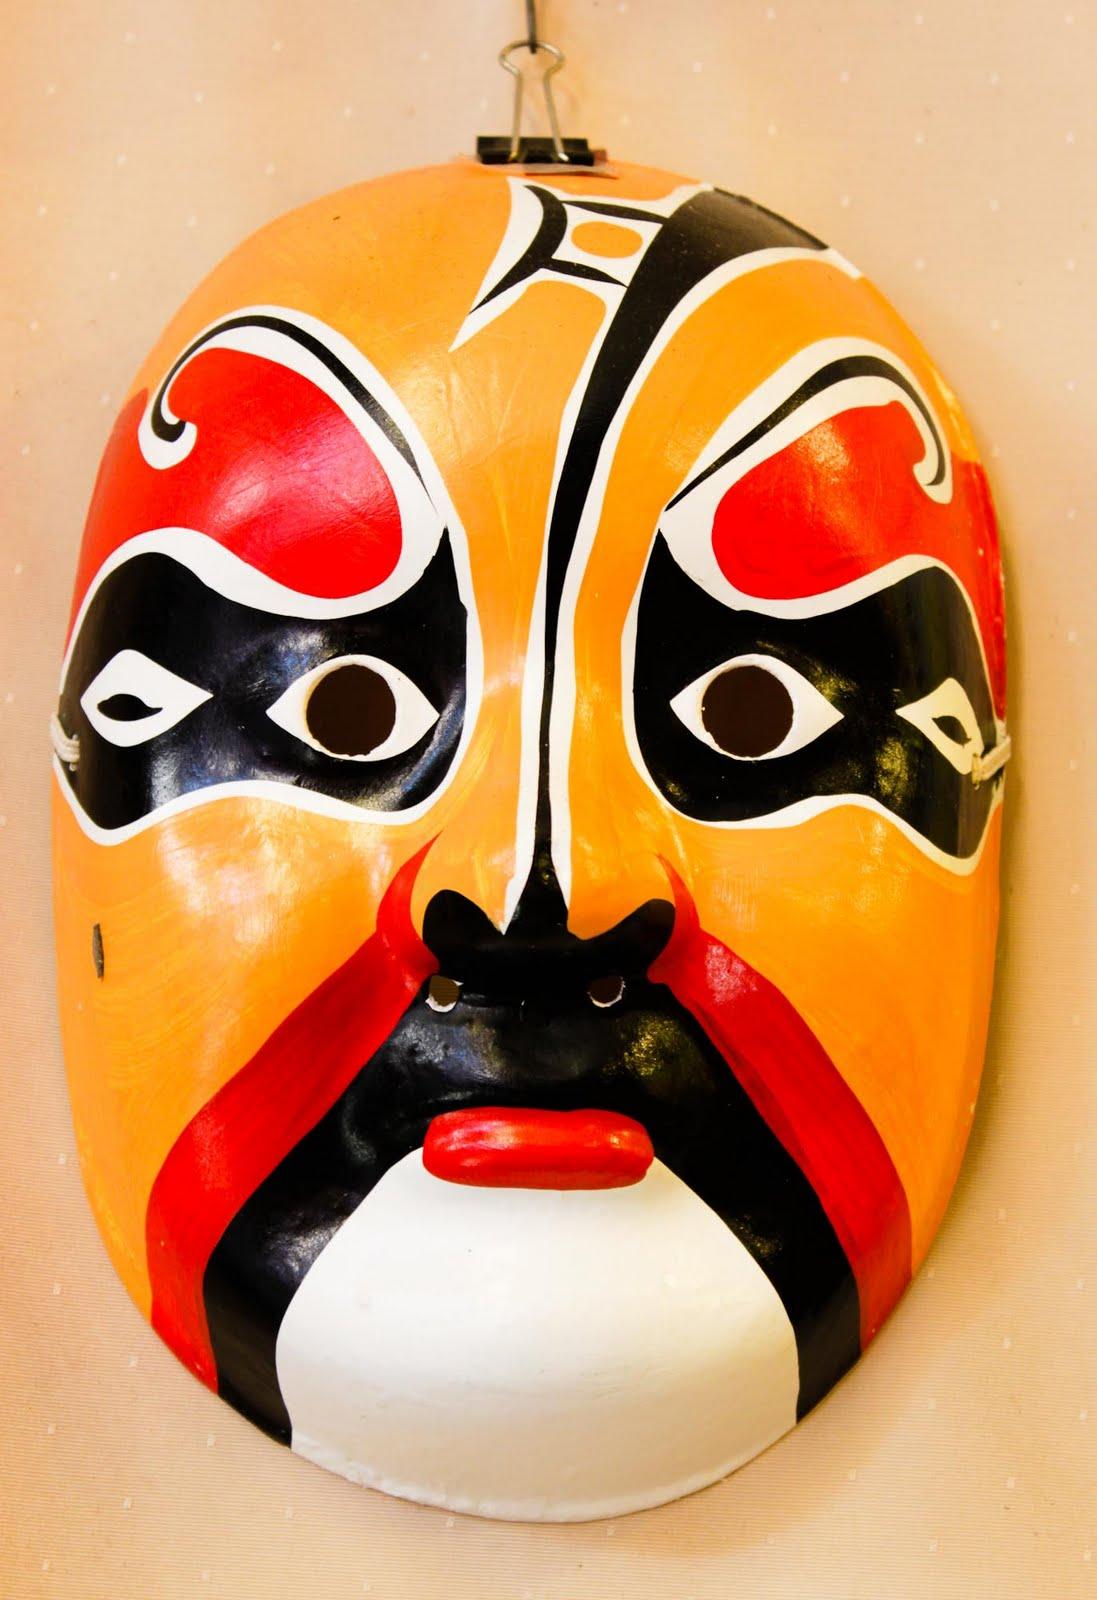 Chinese mask | FREE PHOTO